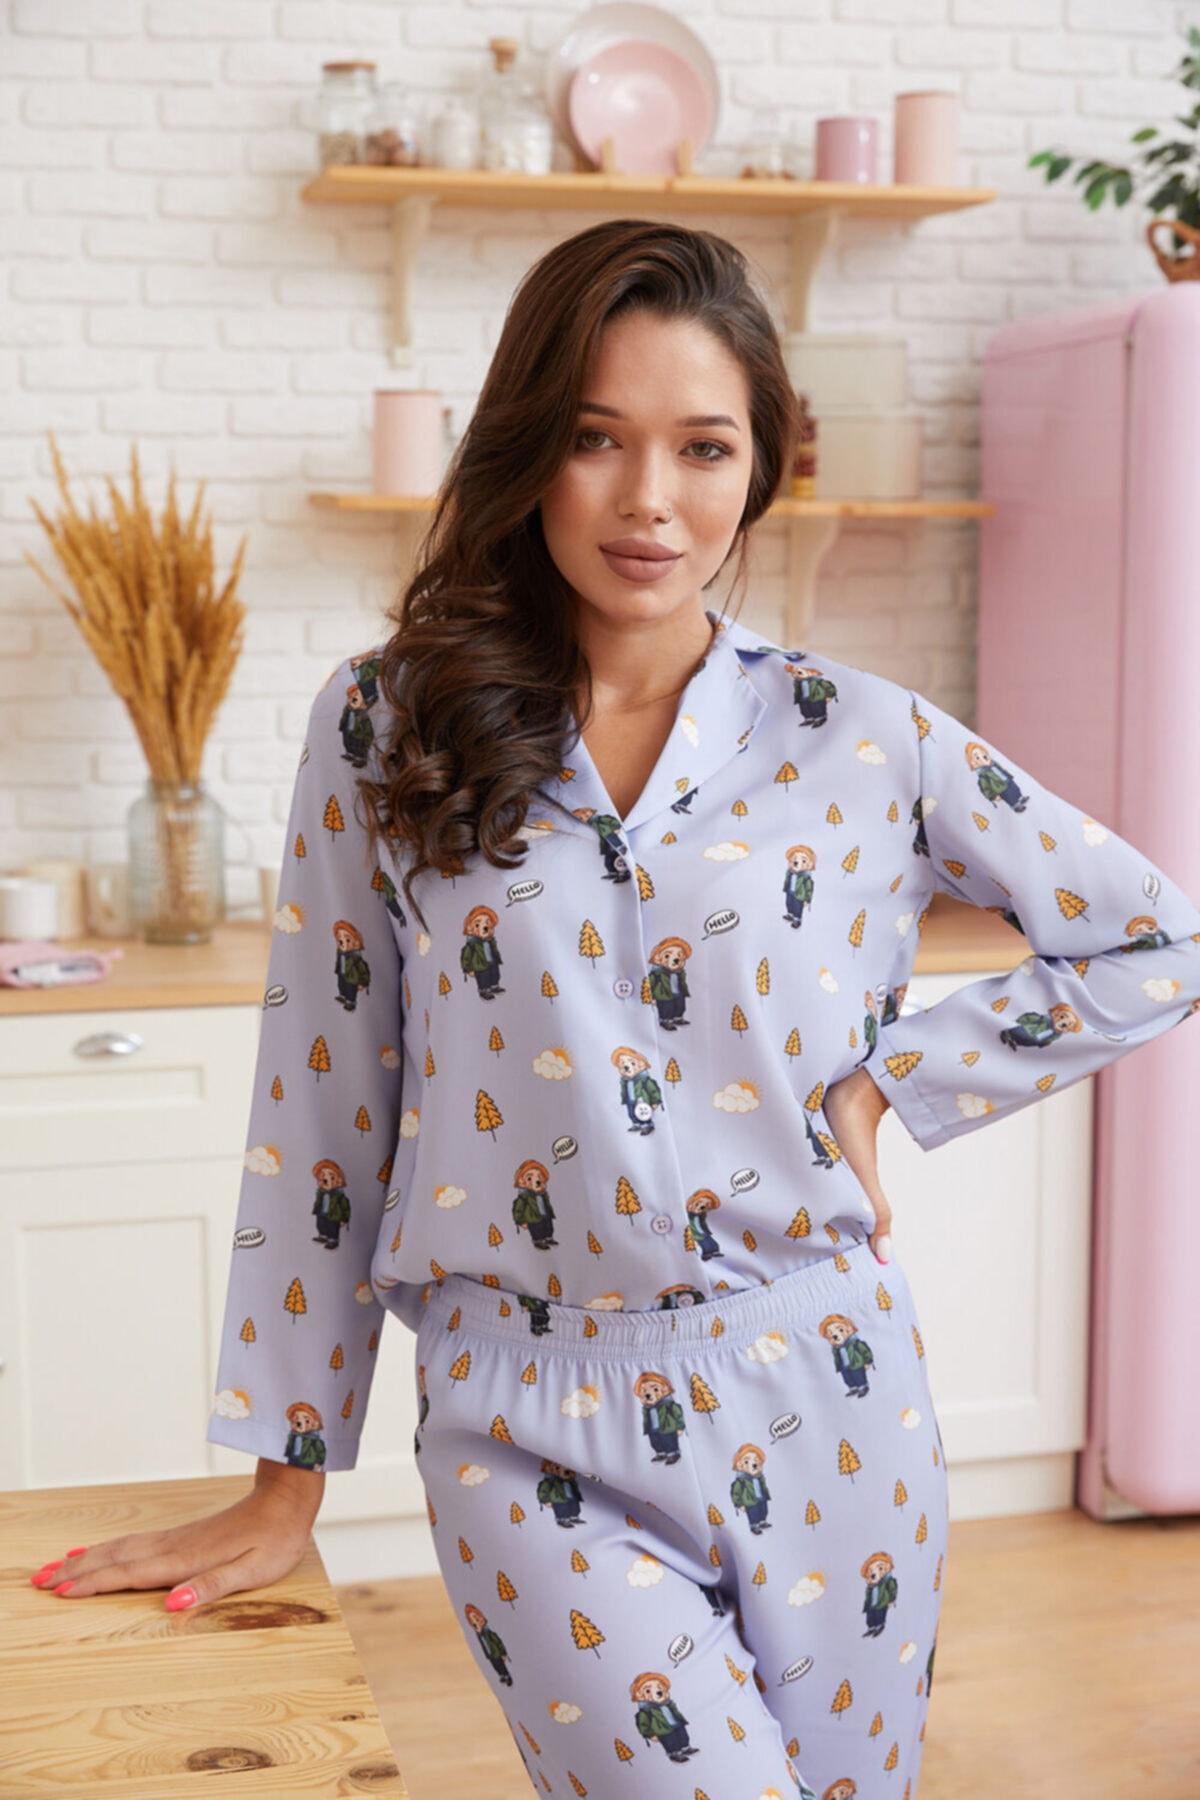 Katia&Bony Hello Camping Teddy Bear Baskılı Ipek Saten Apreli Kadın Pijama Takımı - Lila 1